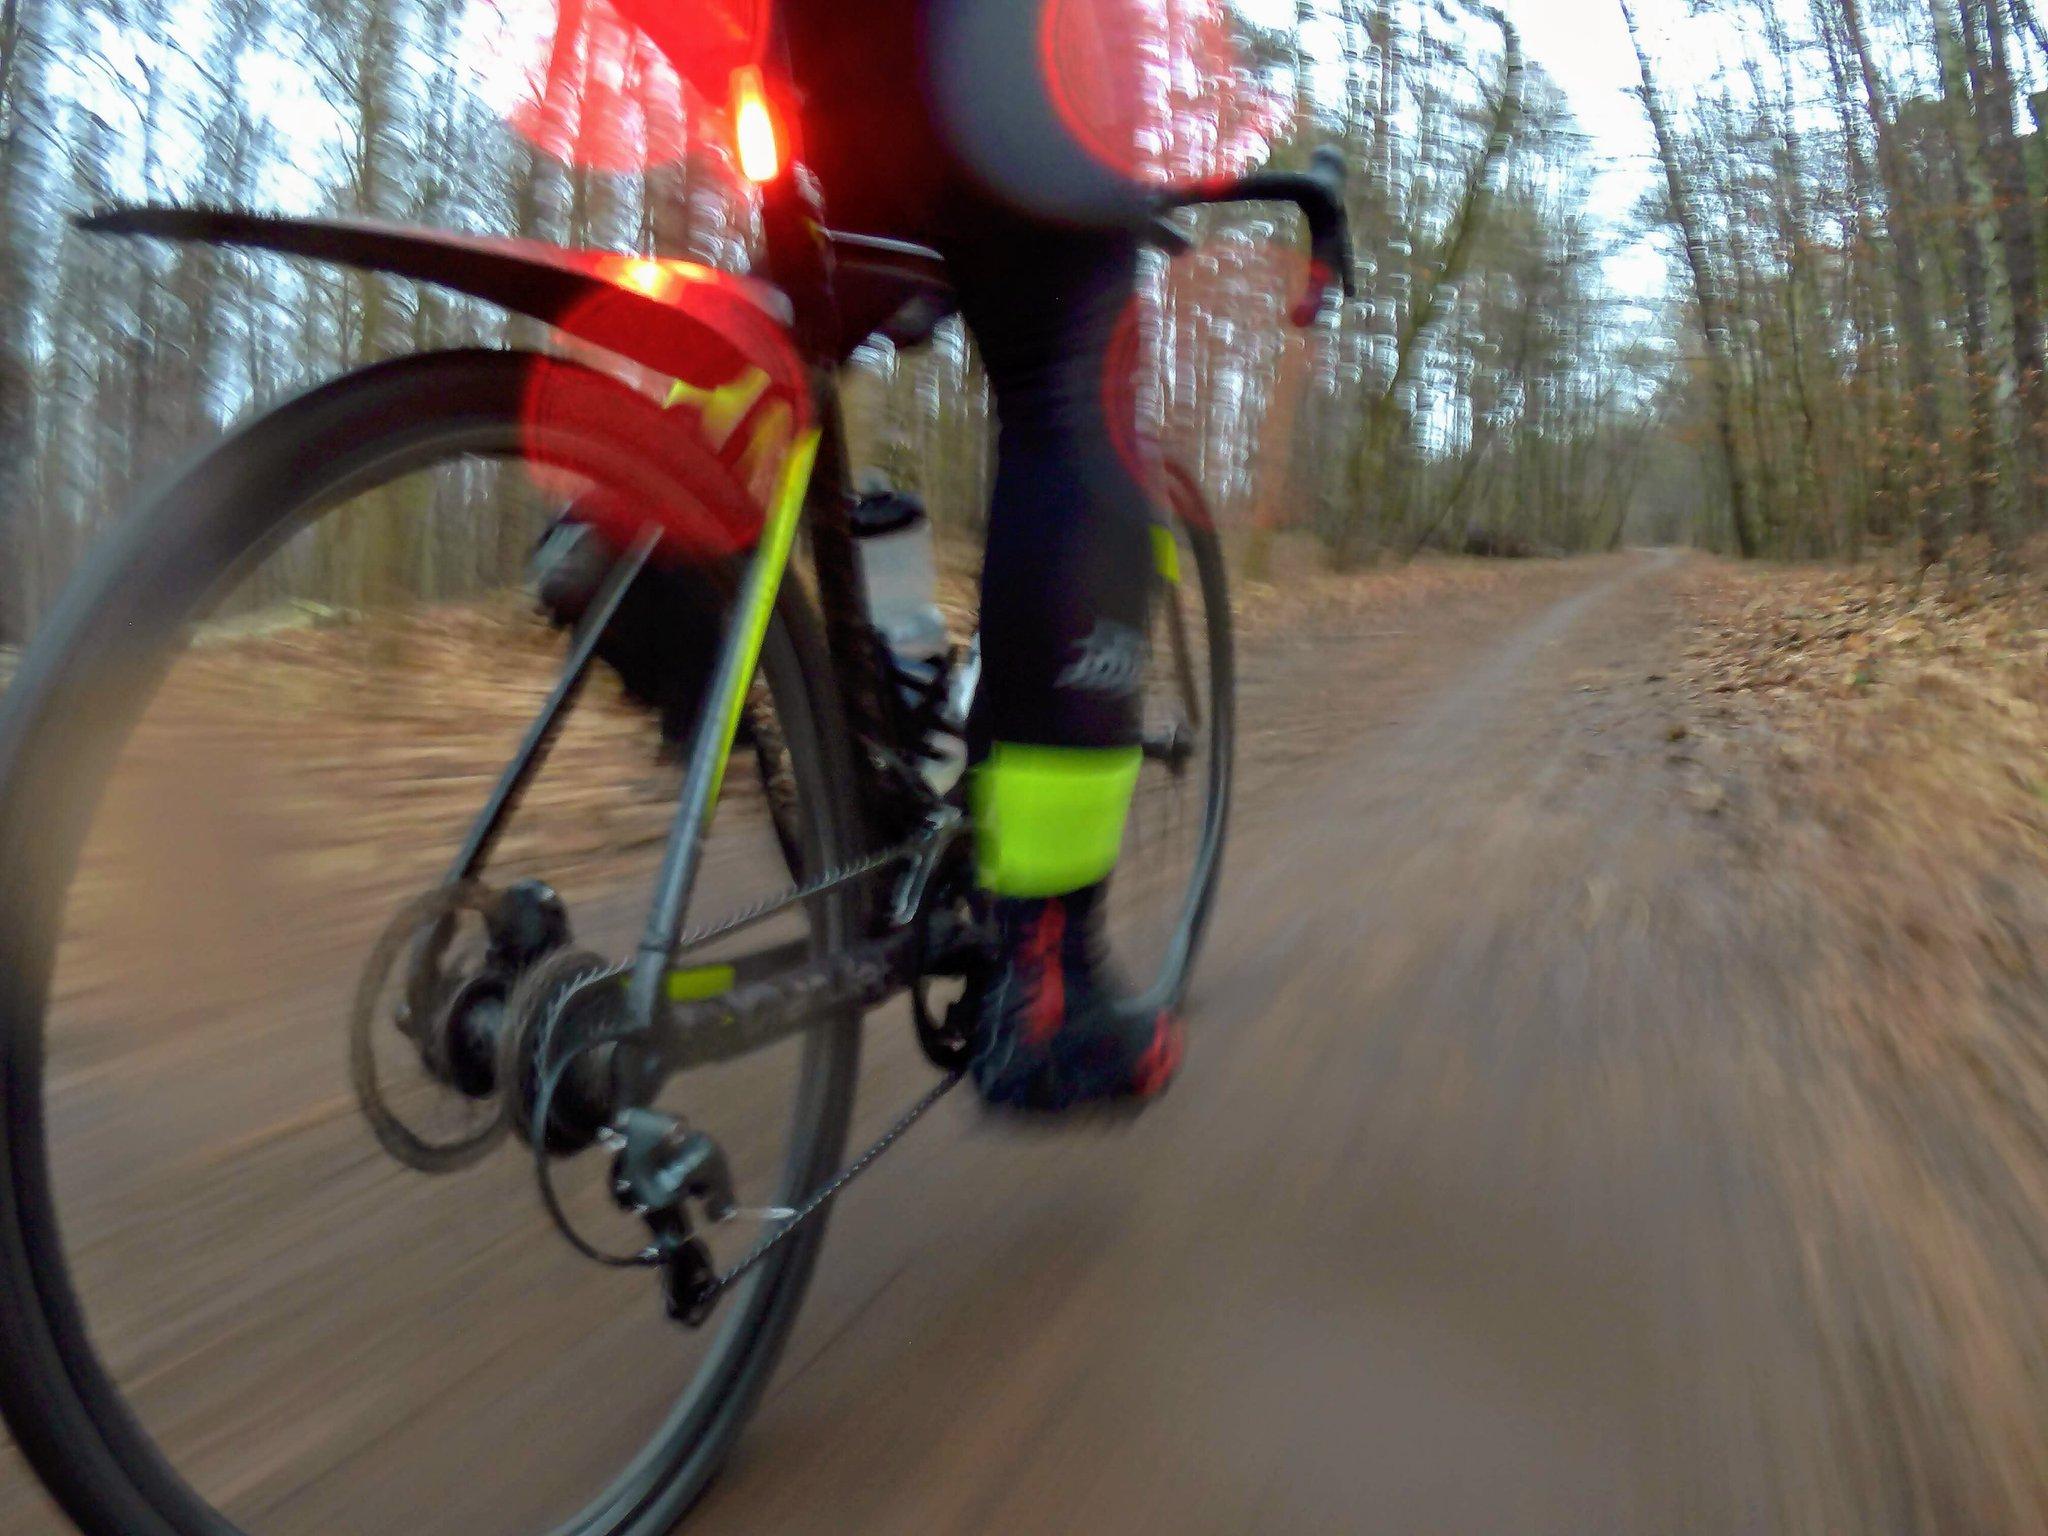 Sobotnie przełaje. Deszcz, błoto, zimno, ślisko, ciemno i dwie gumy. Cudownie! 😁 #cx #cyclocross #cycling #cyclinglife #gianttcx https://t.co/C4mEzEaxUL